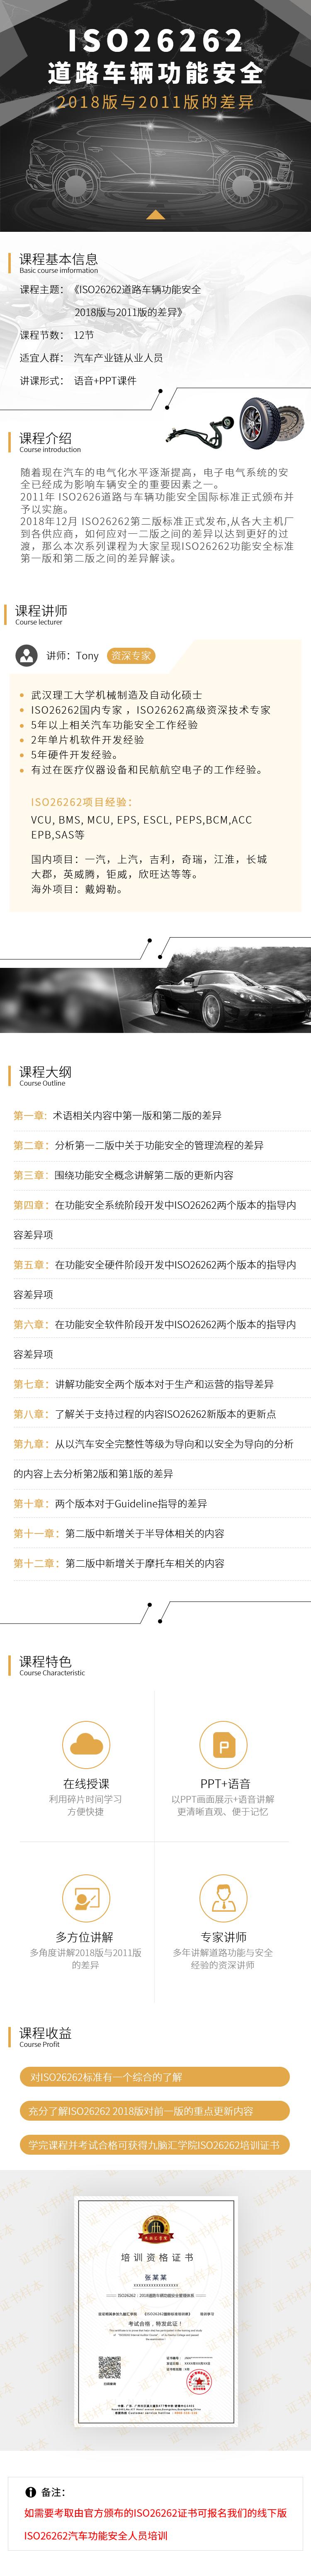 ISO26262_xiangqing.png